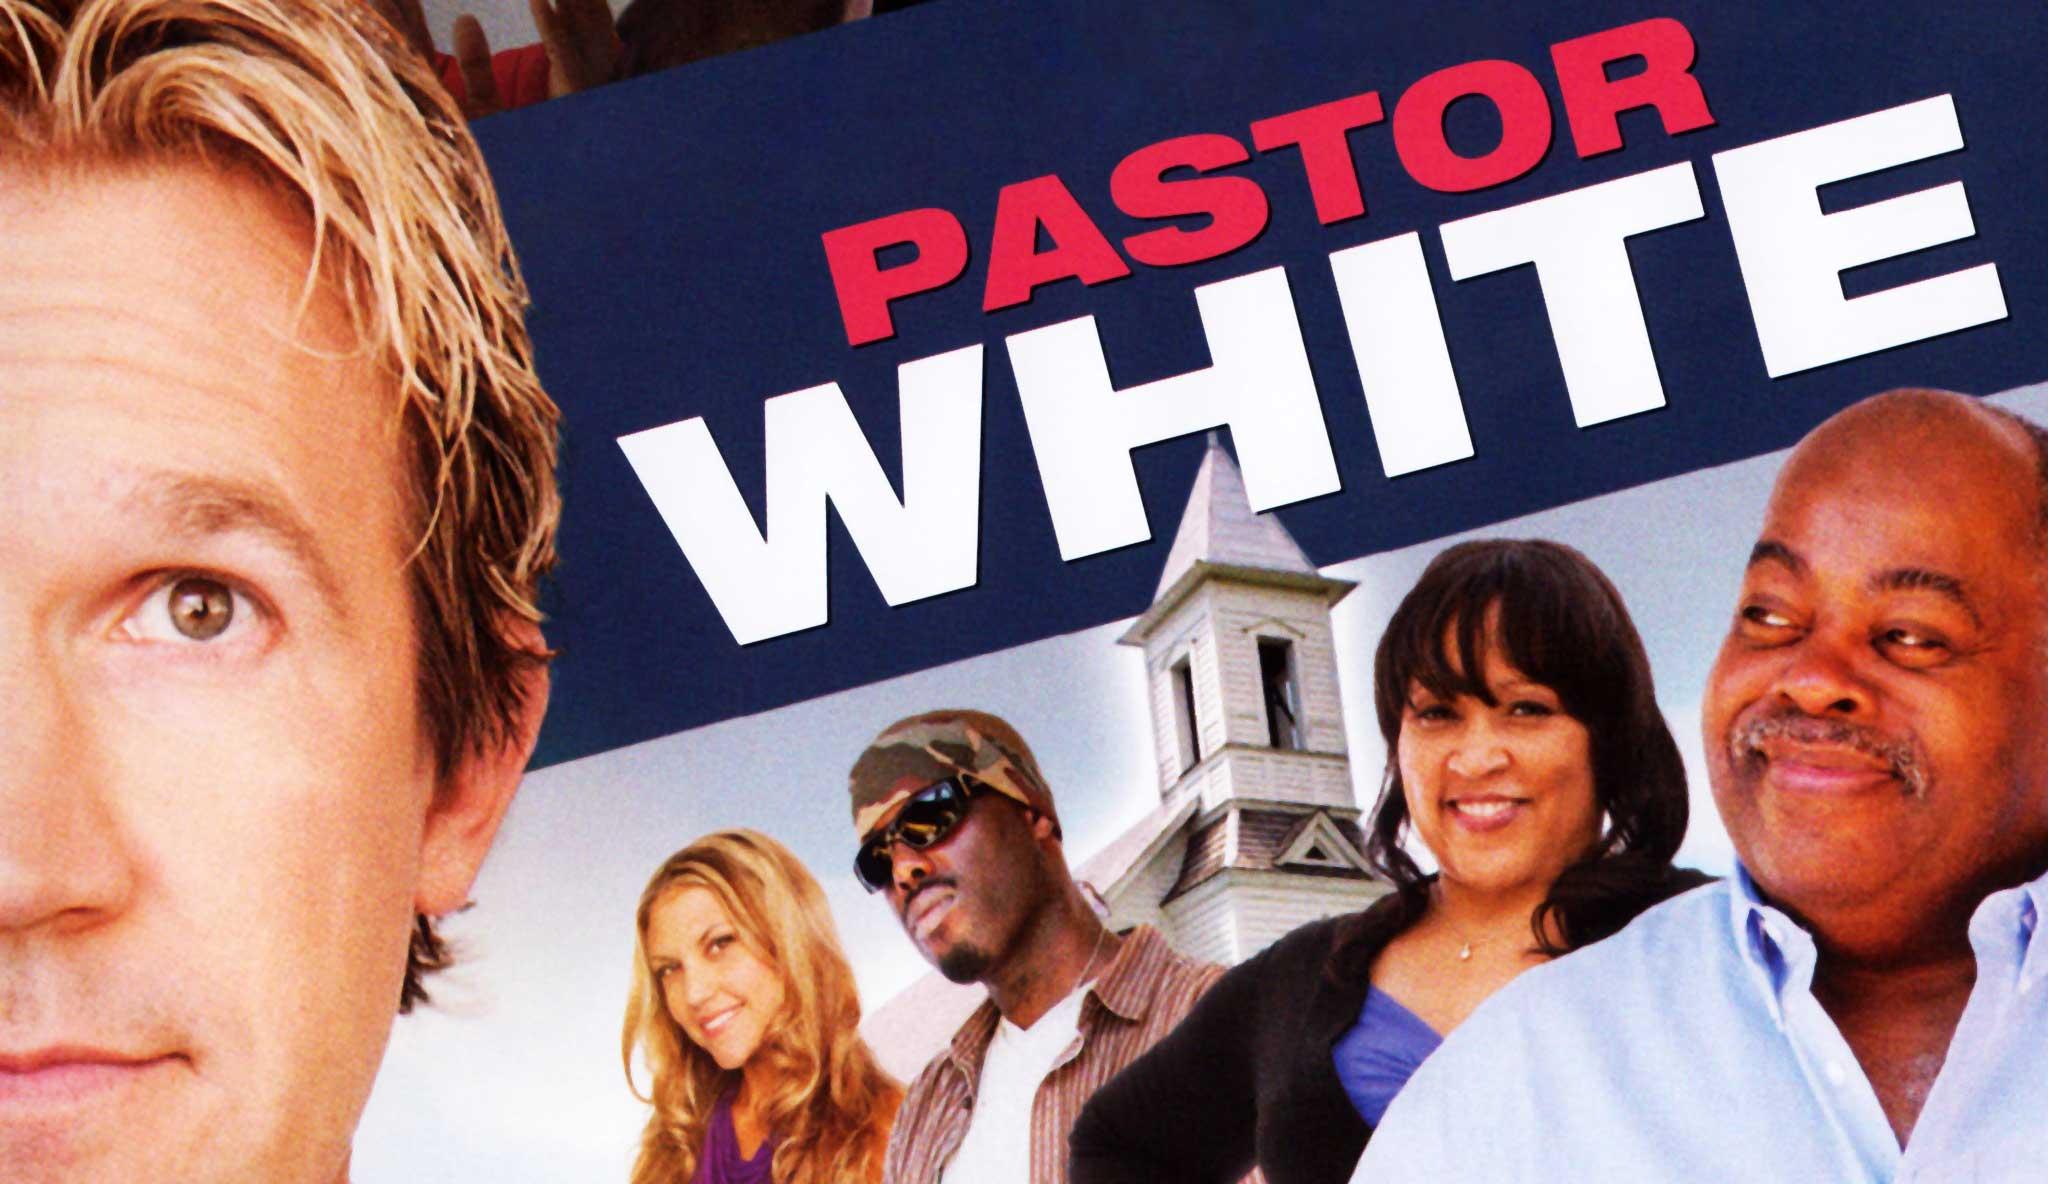 pastor-white\header.jpg